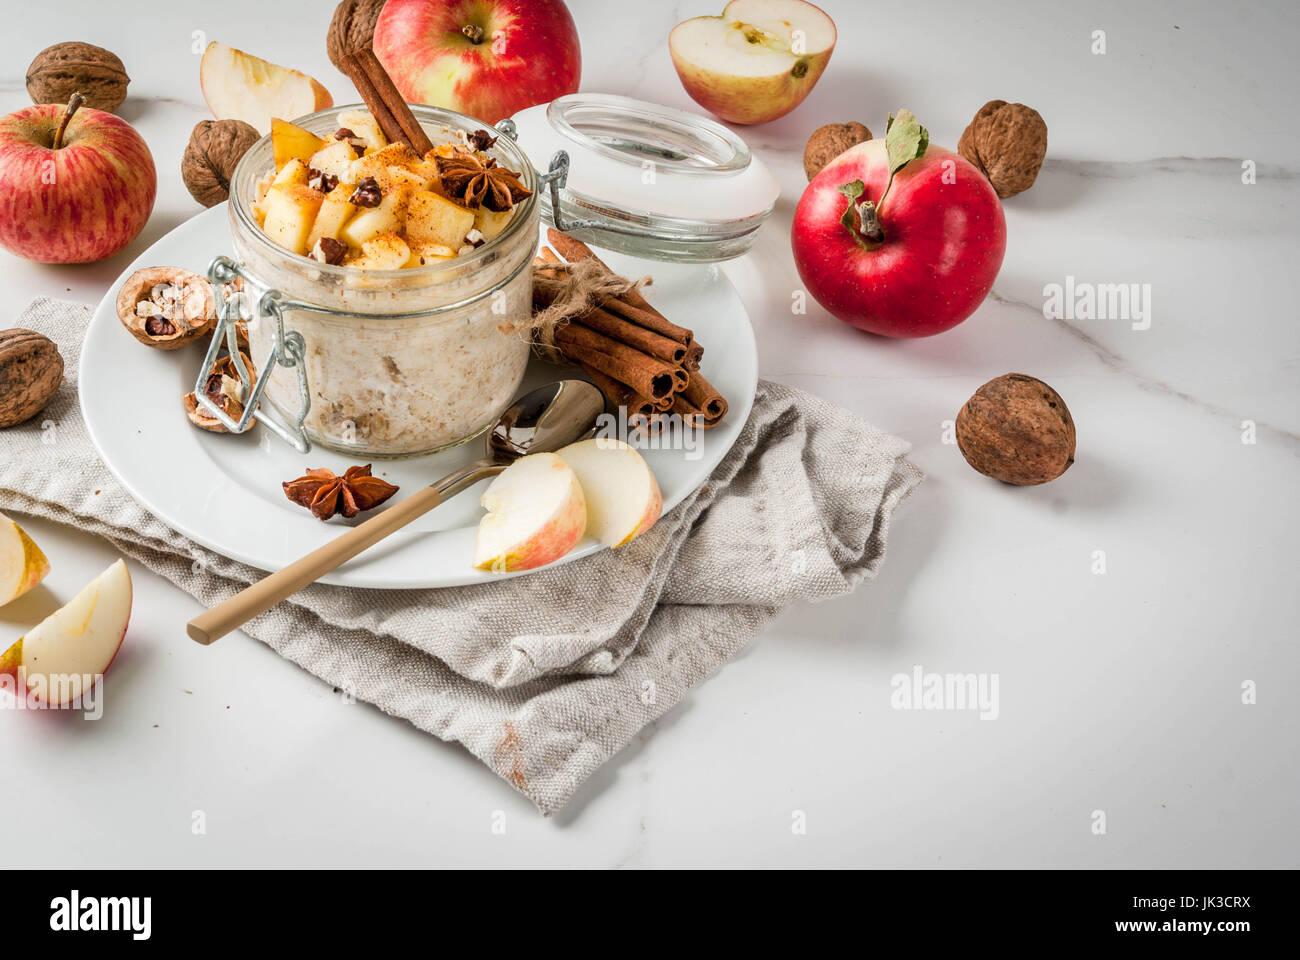 La nourriture végétalienne saine. Petit-déjeuner diététique ou snack. Tarte du jour au Photo Stock